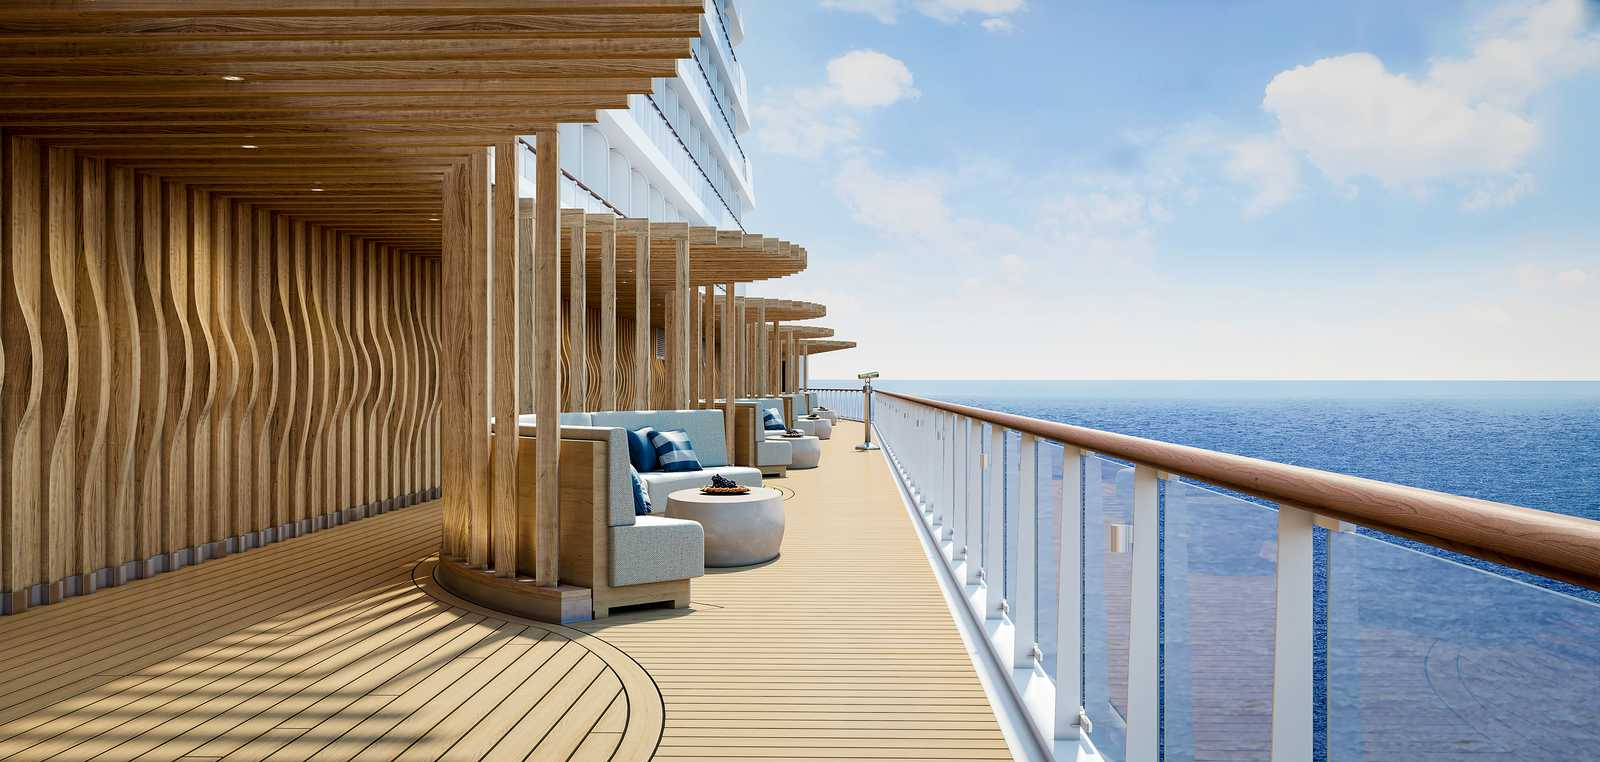 Entspannen auf der La Terraza am Ocean Boulevard auf der Norwegian Prima